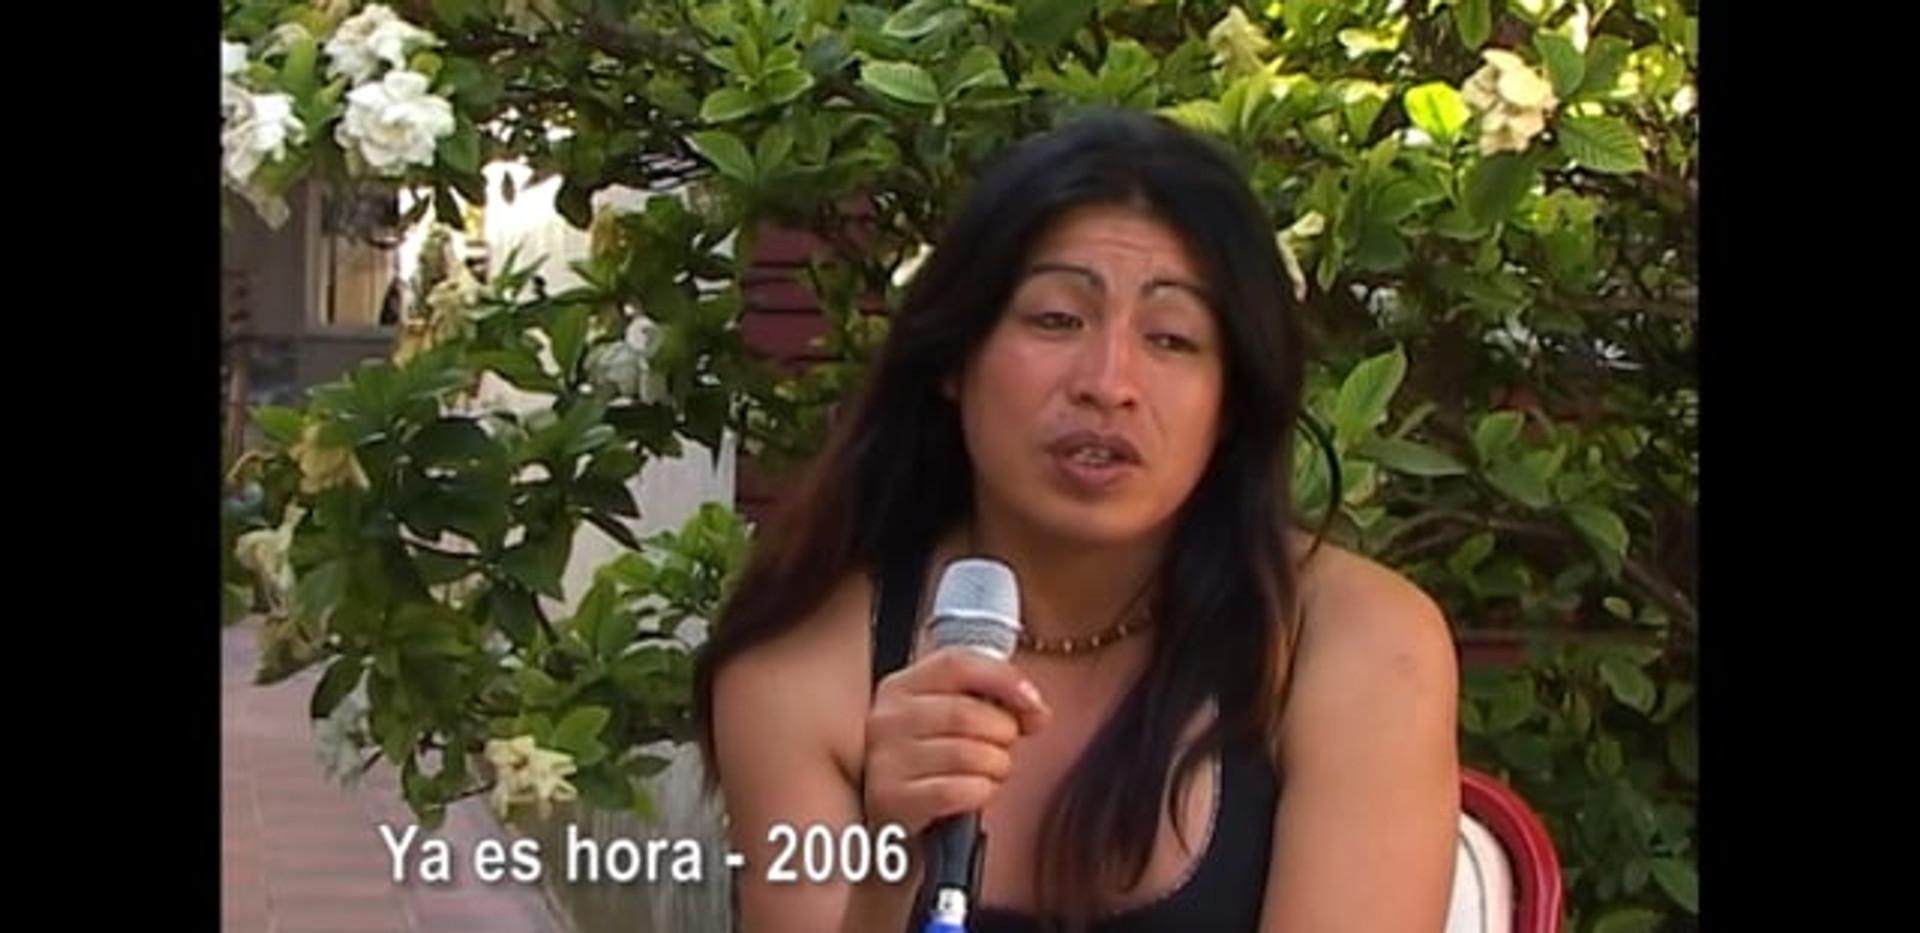 Diana Sacayan para el documental Ya es Hora